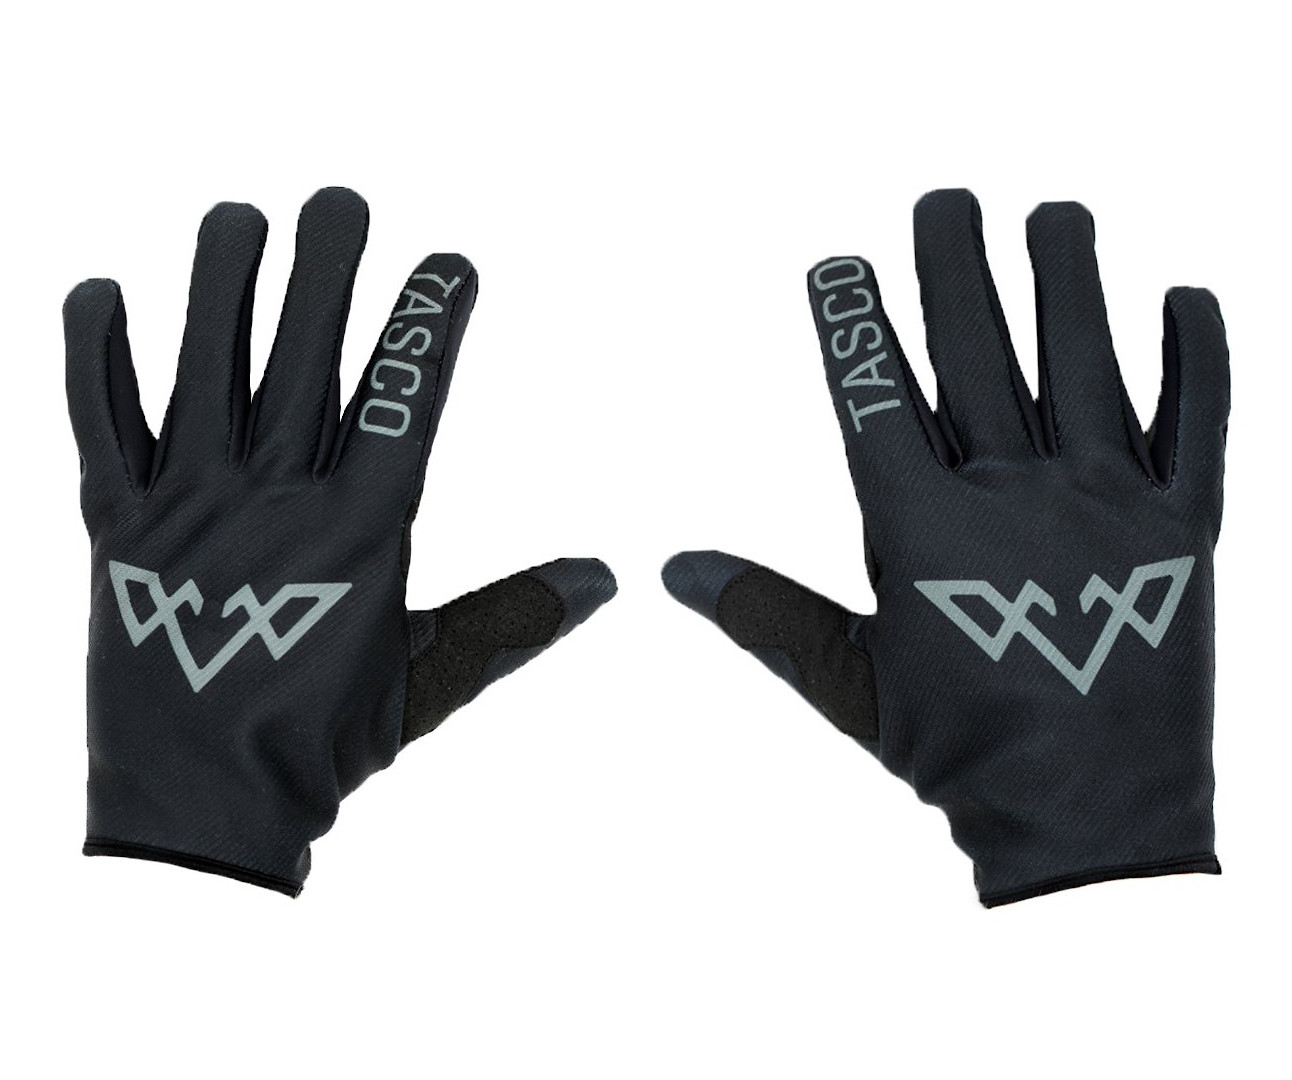 Dawn Patrol Black Hole Double Digits MTB Gloves